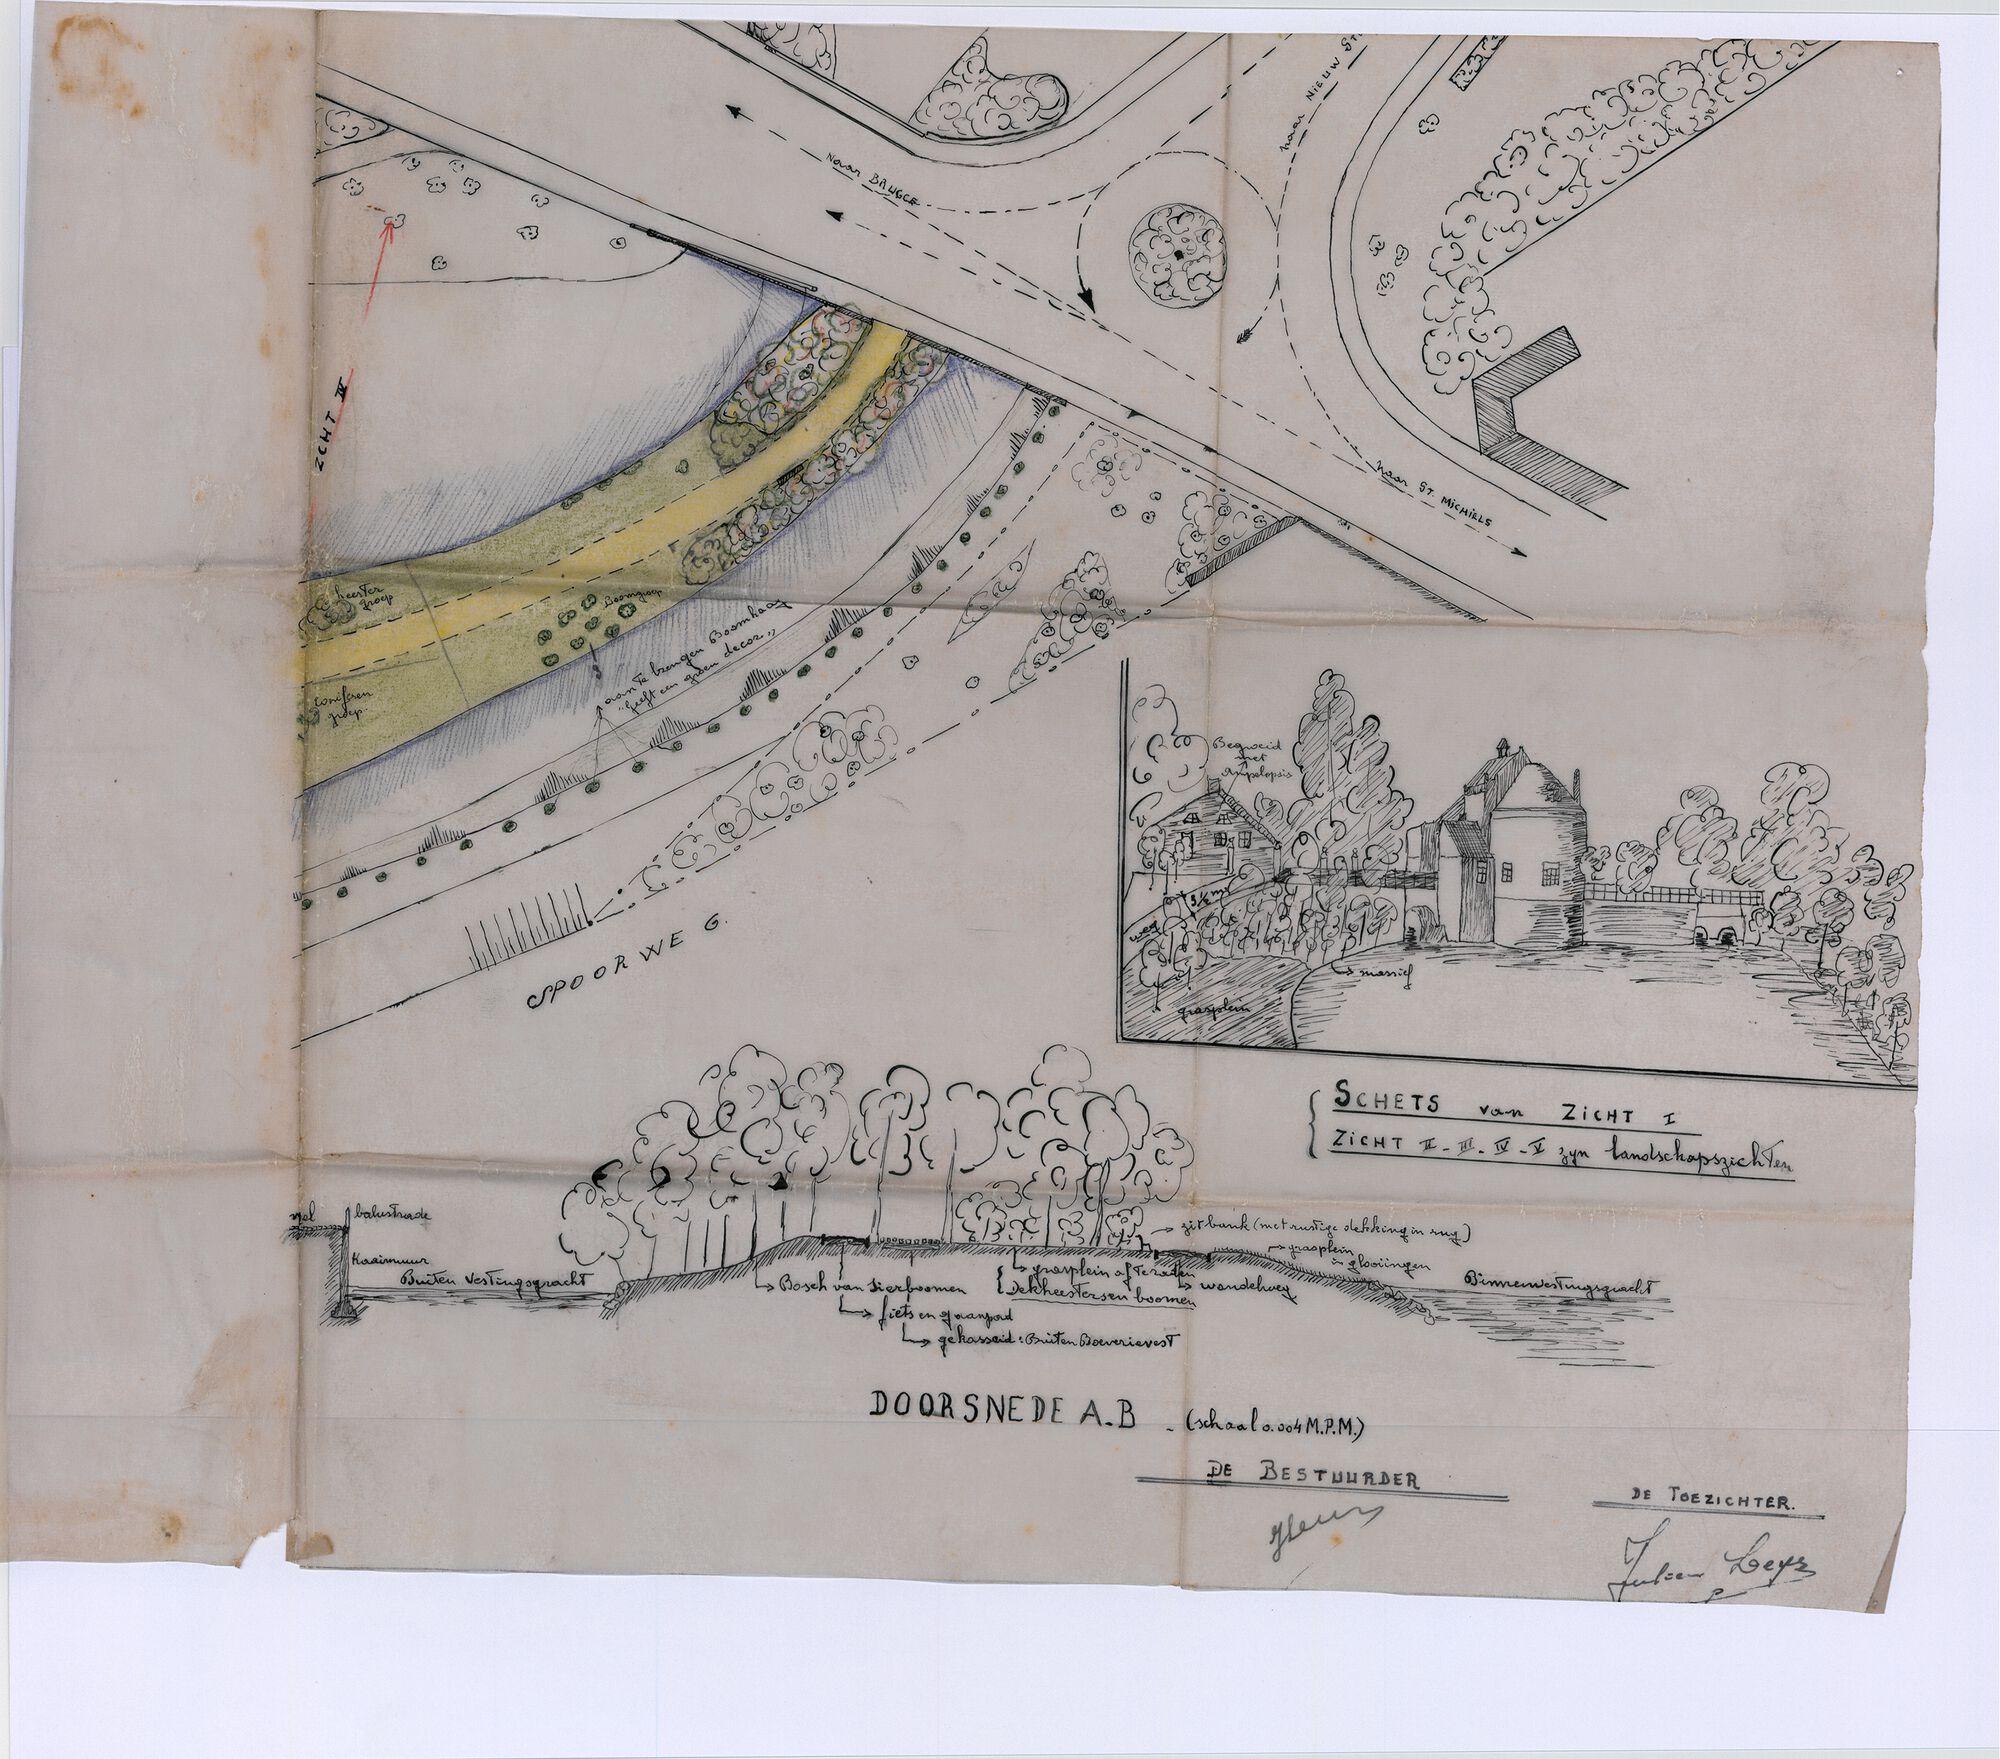 1942 Buiten Boeverievest - Doorsnede en Zichten.tif